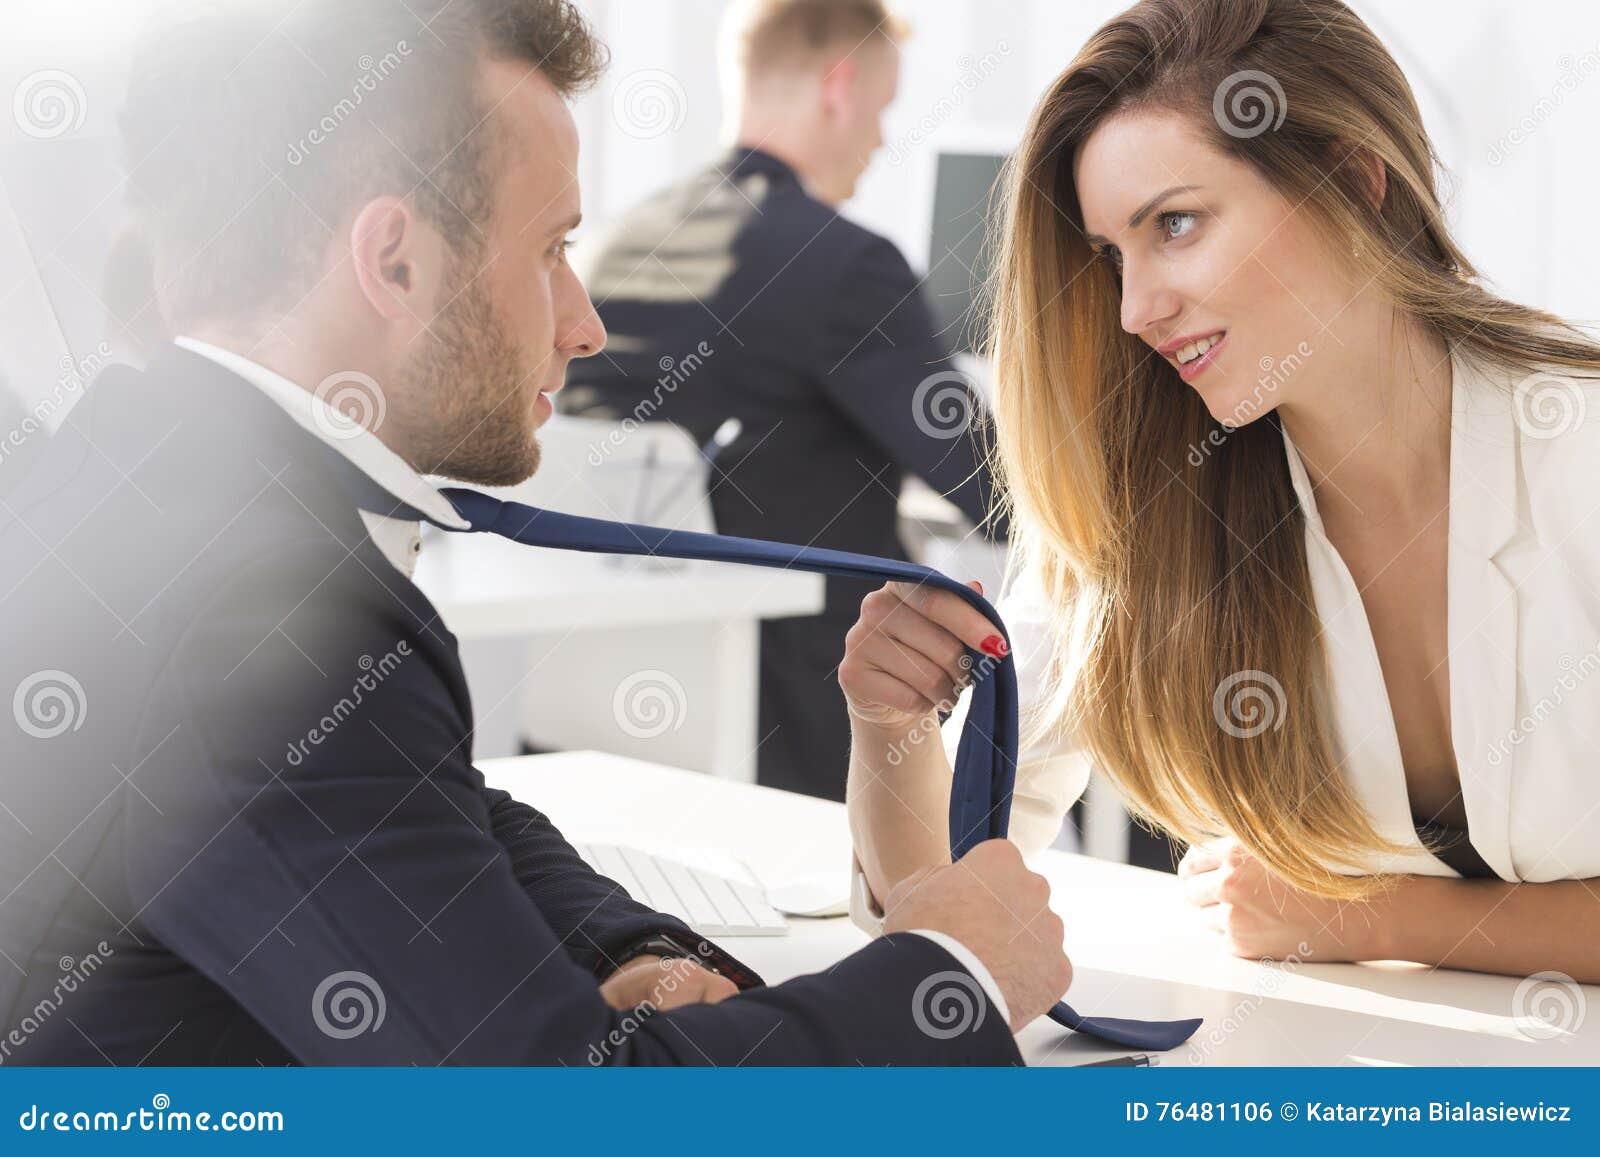 how do men flirt at work